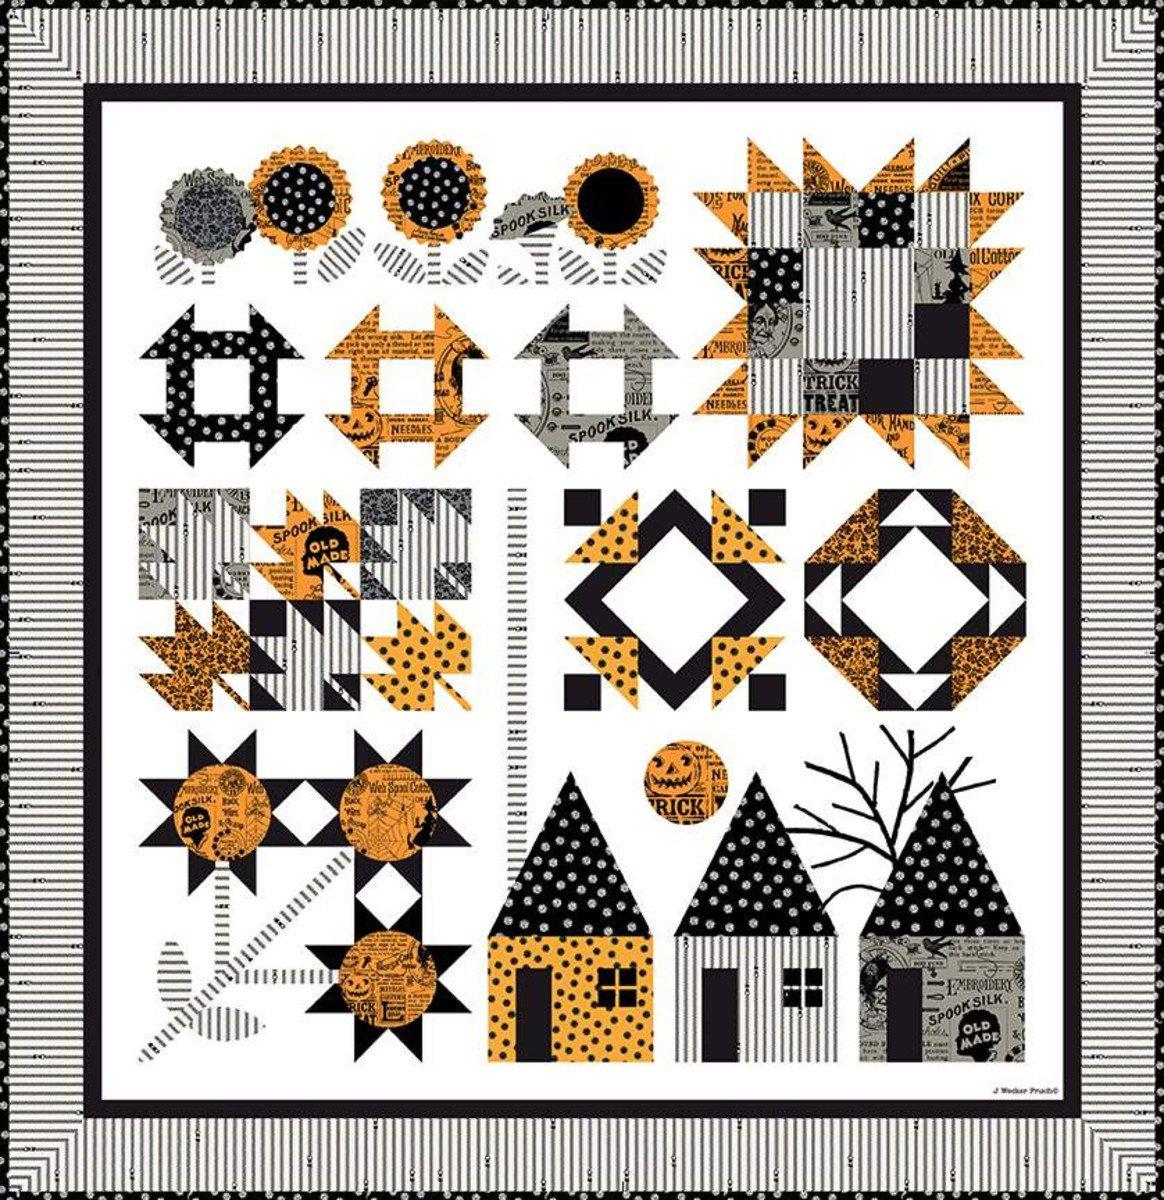 Autumn Acres Quilt Kit by J. Wecker Frisch